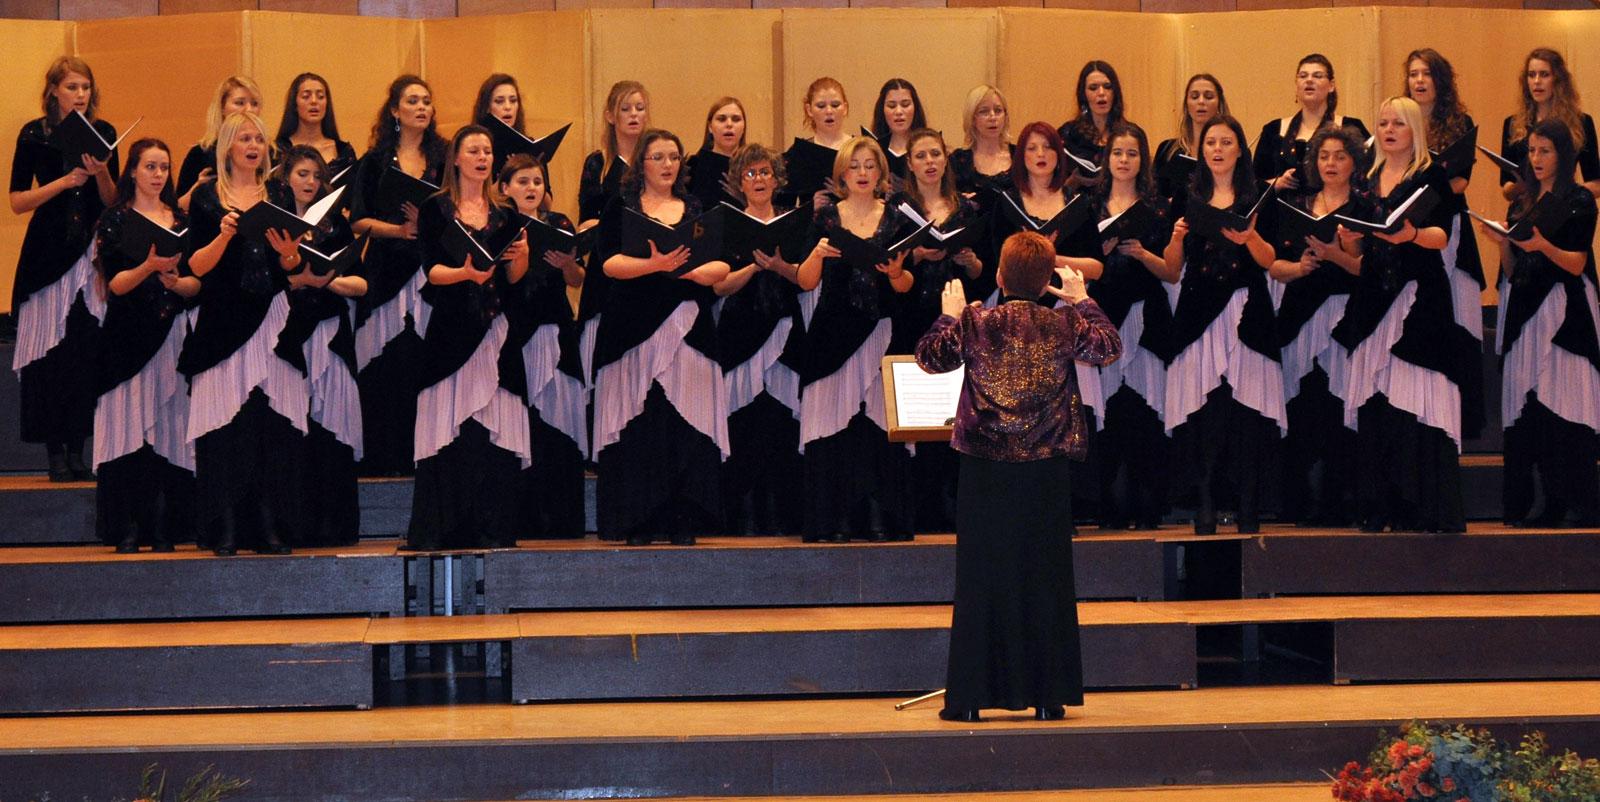 Sa koncerta u Temišvarskoj filharmoniji